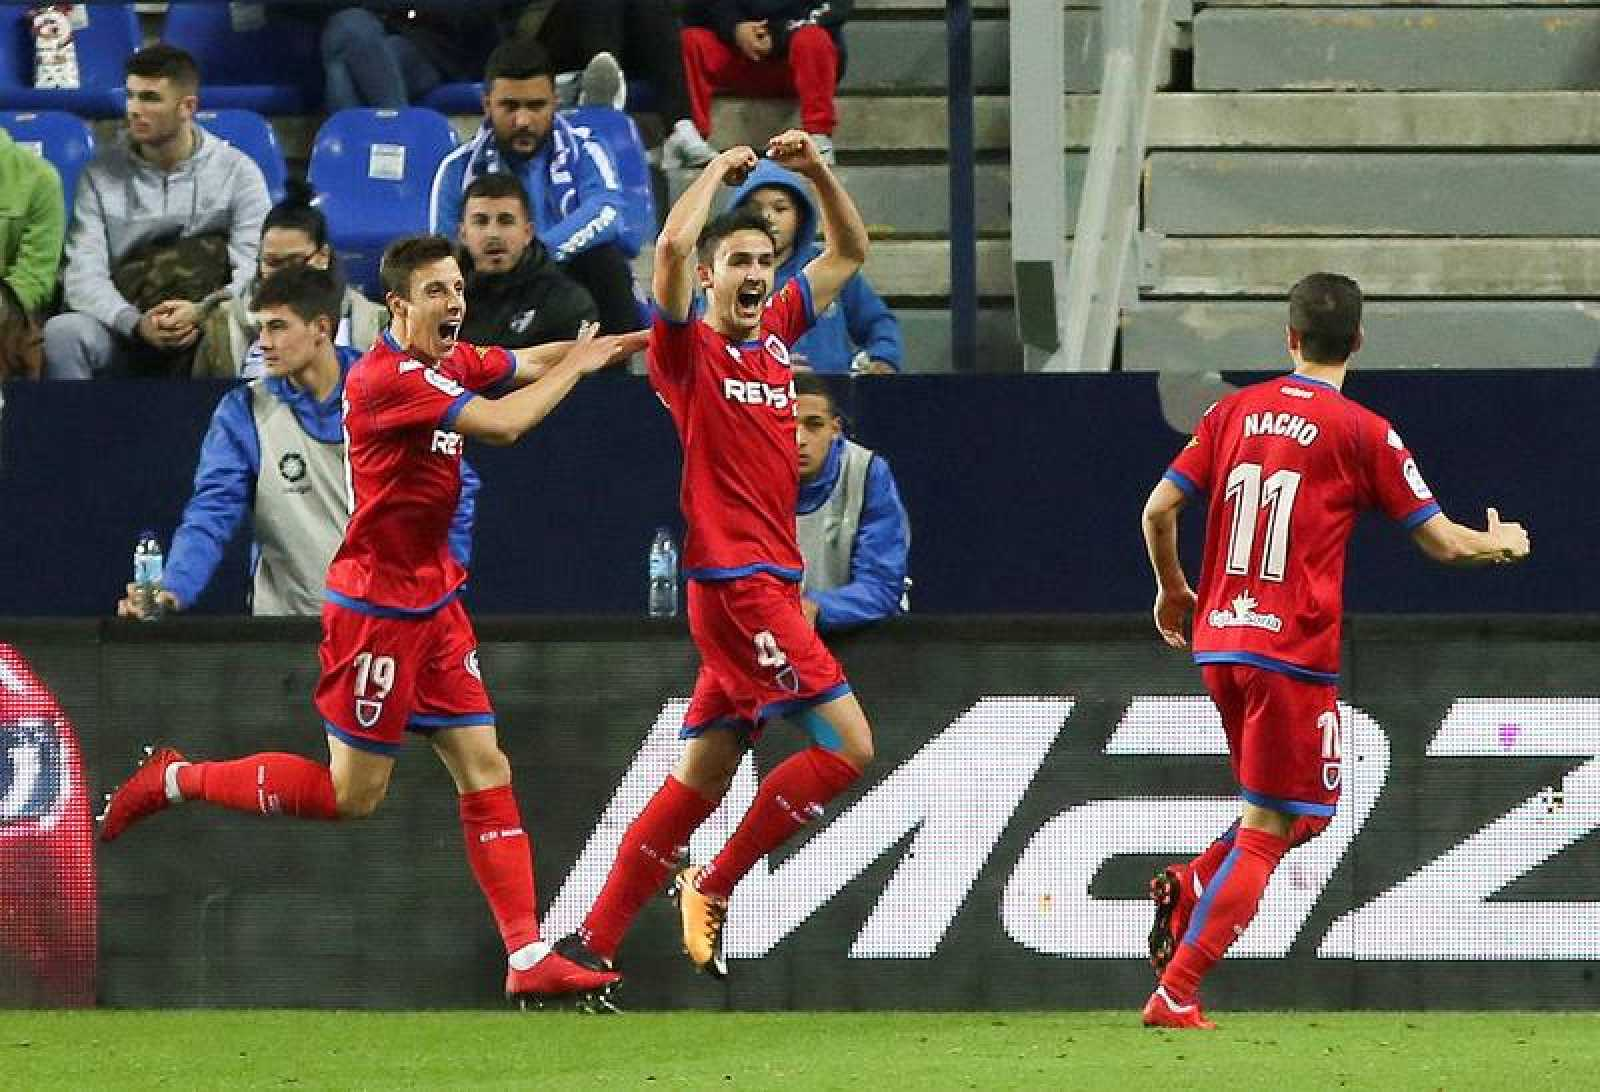 Los jugadores del Numancia festejan su gol.